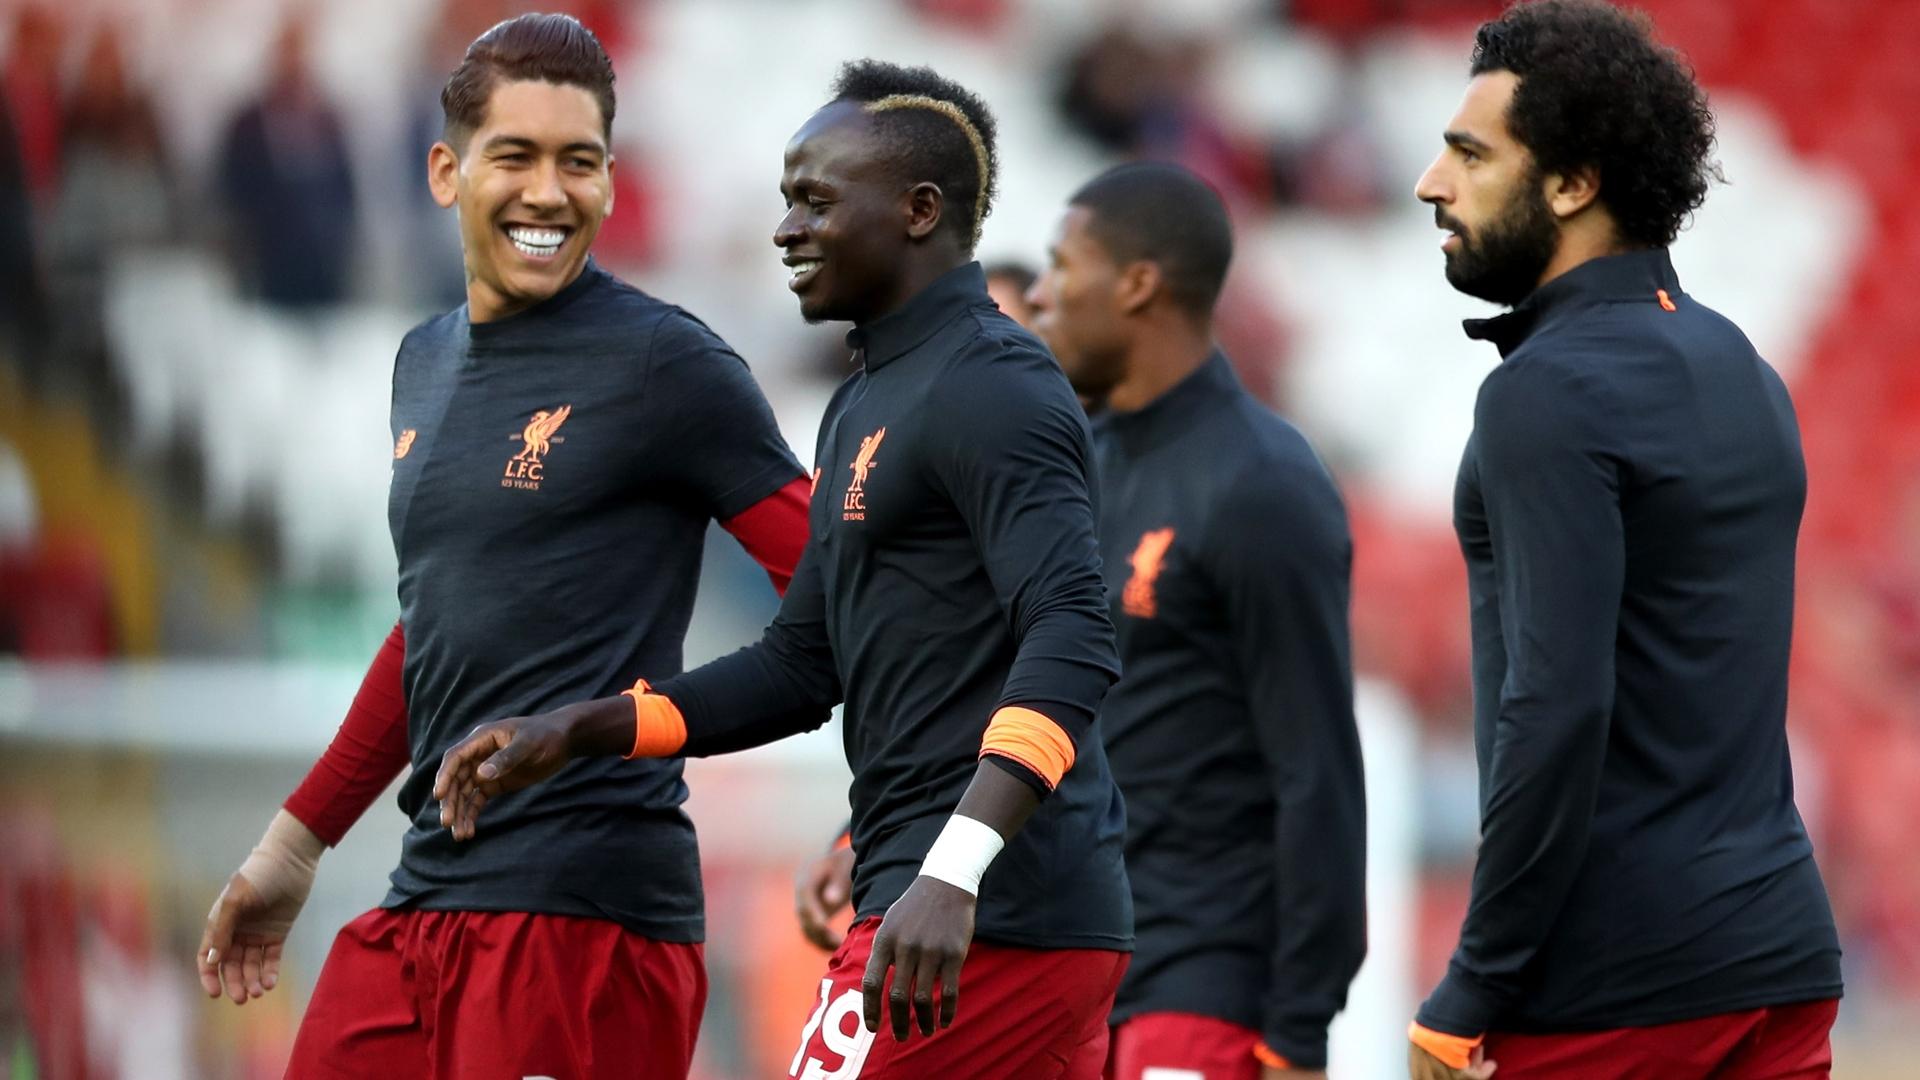 firmino mane salah of Liverpool